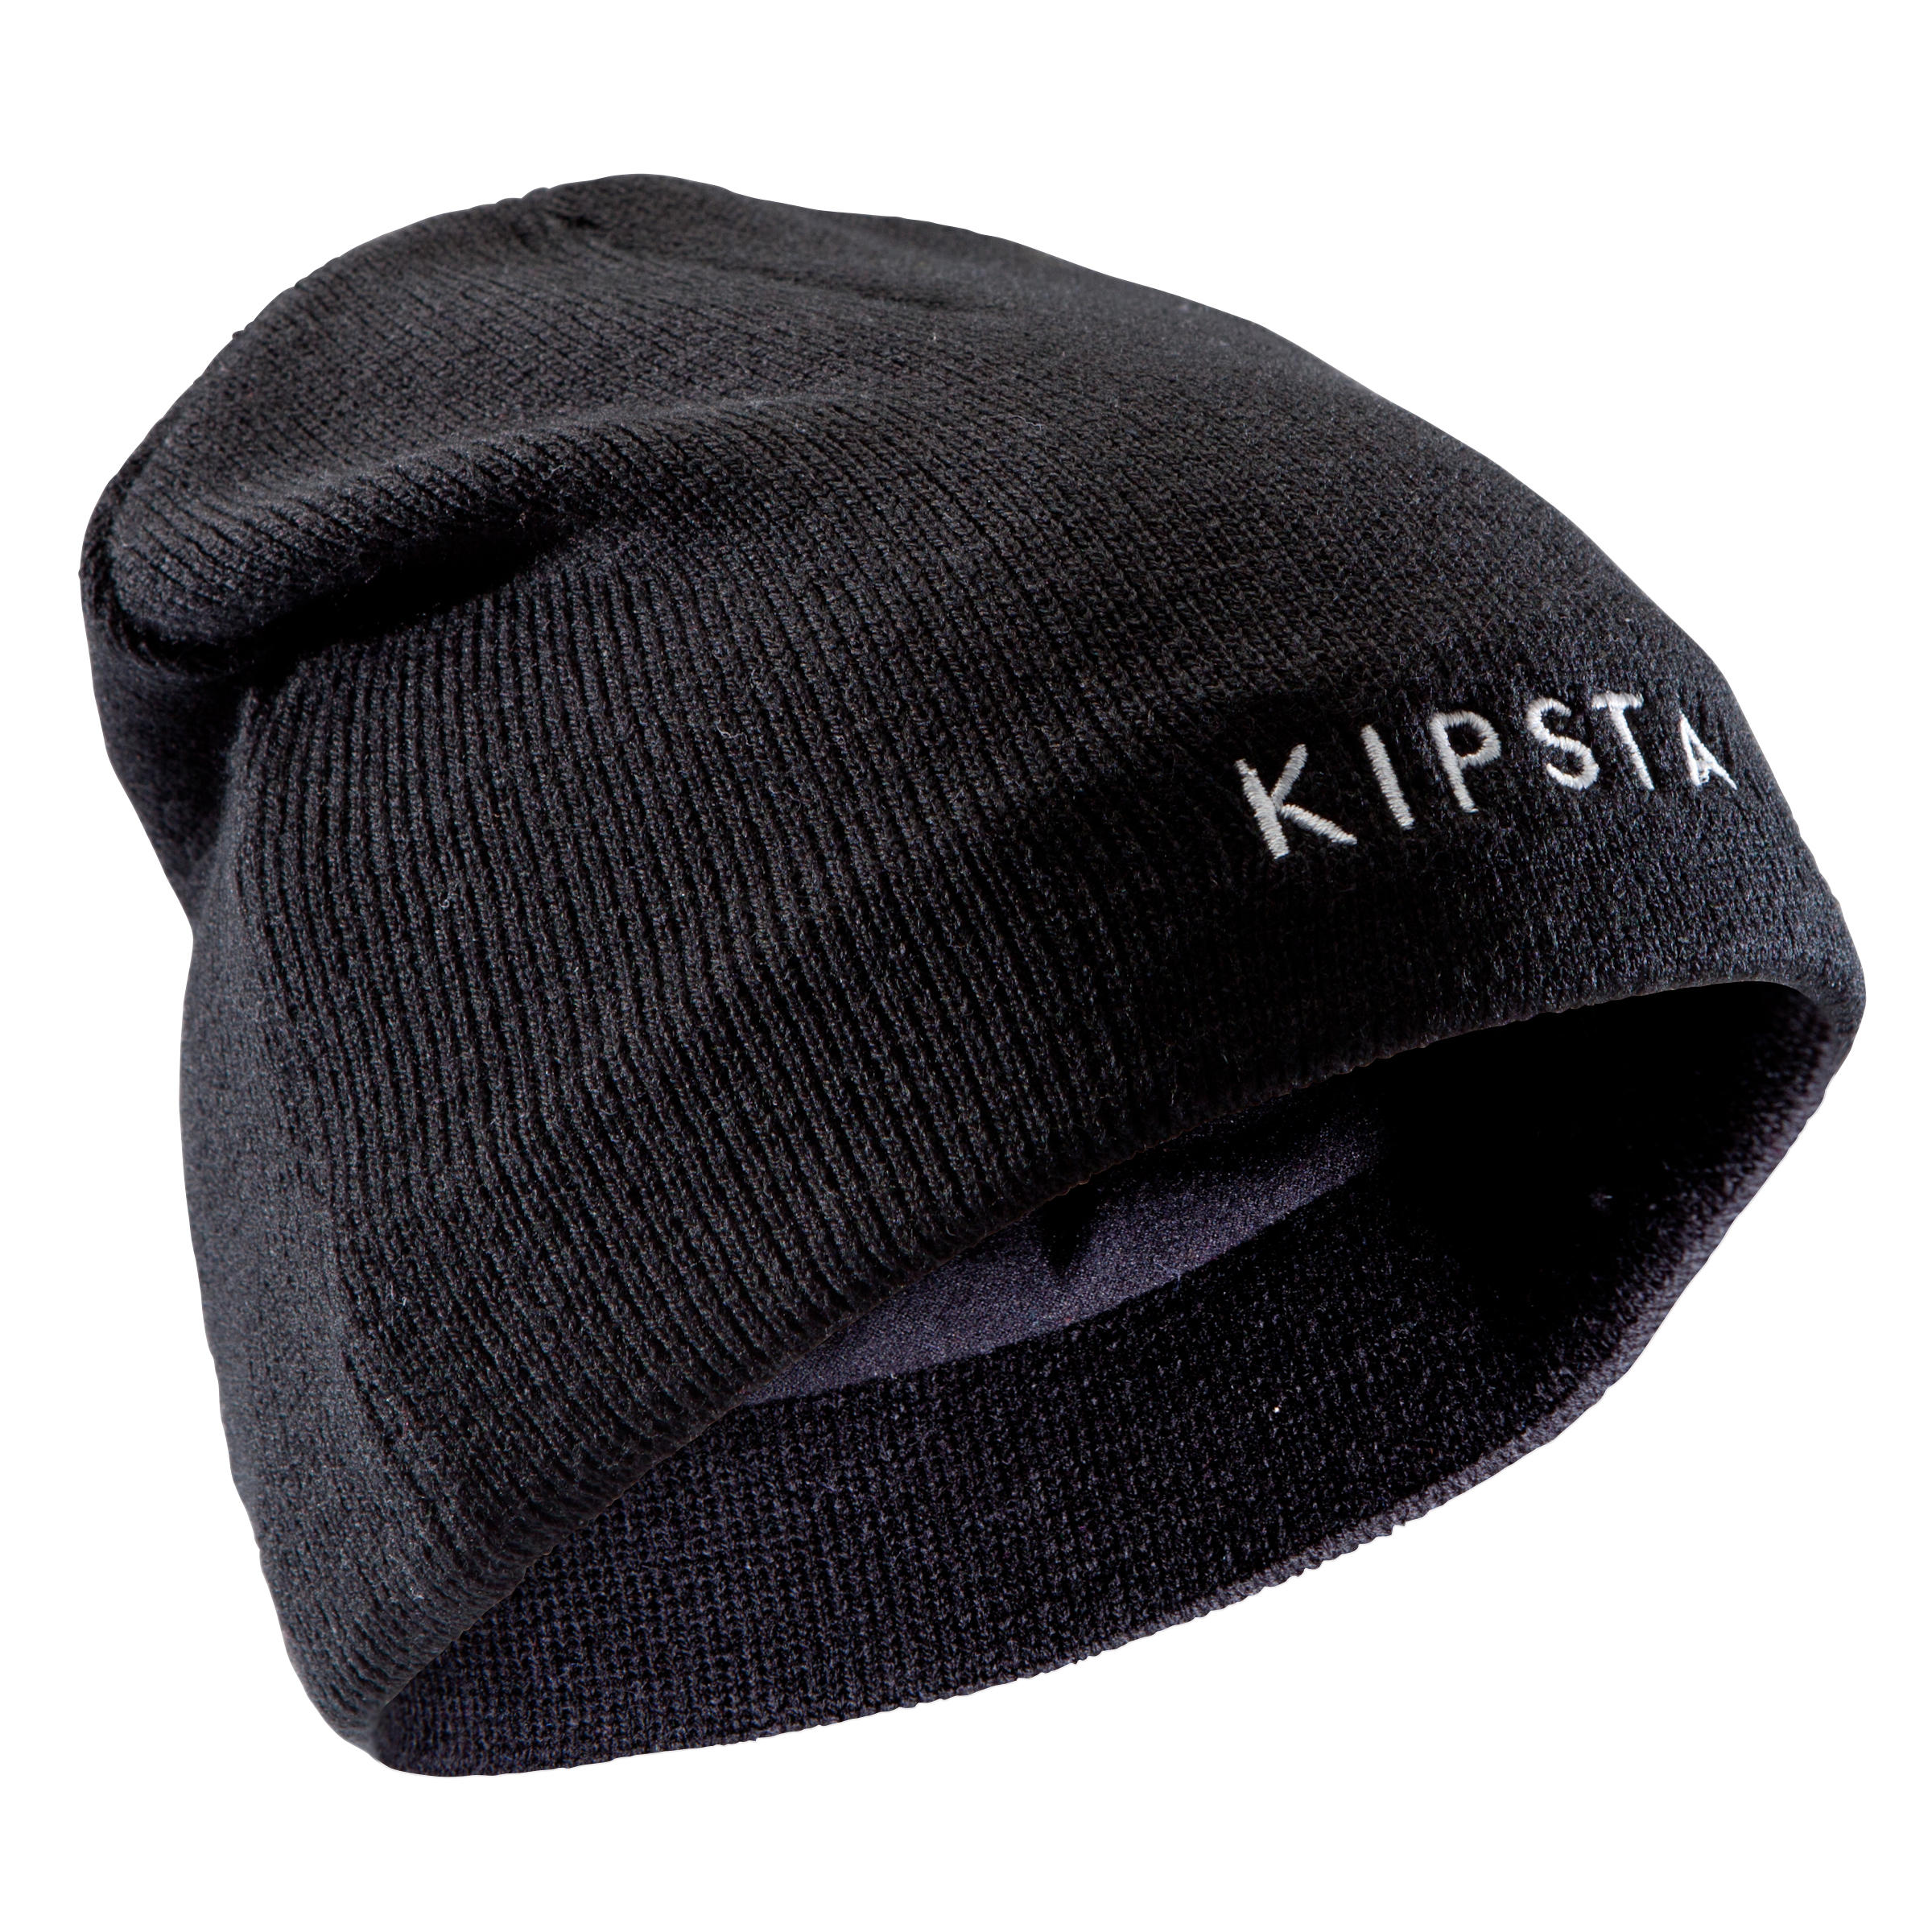 Keepwarm Kids' Fleece-Lined Hat - Black